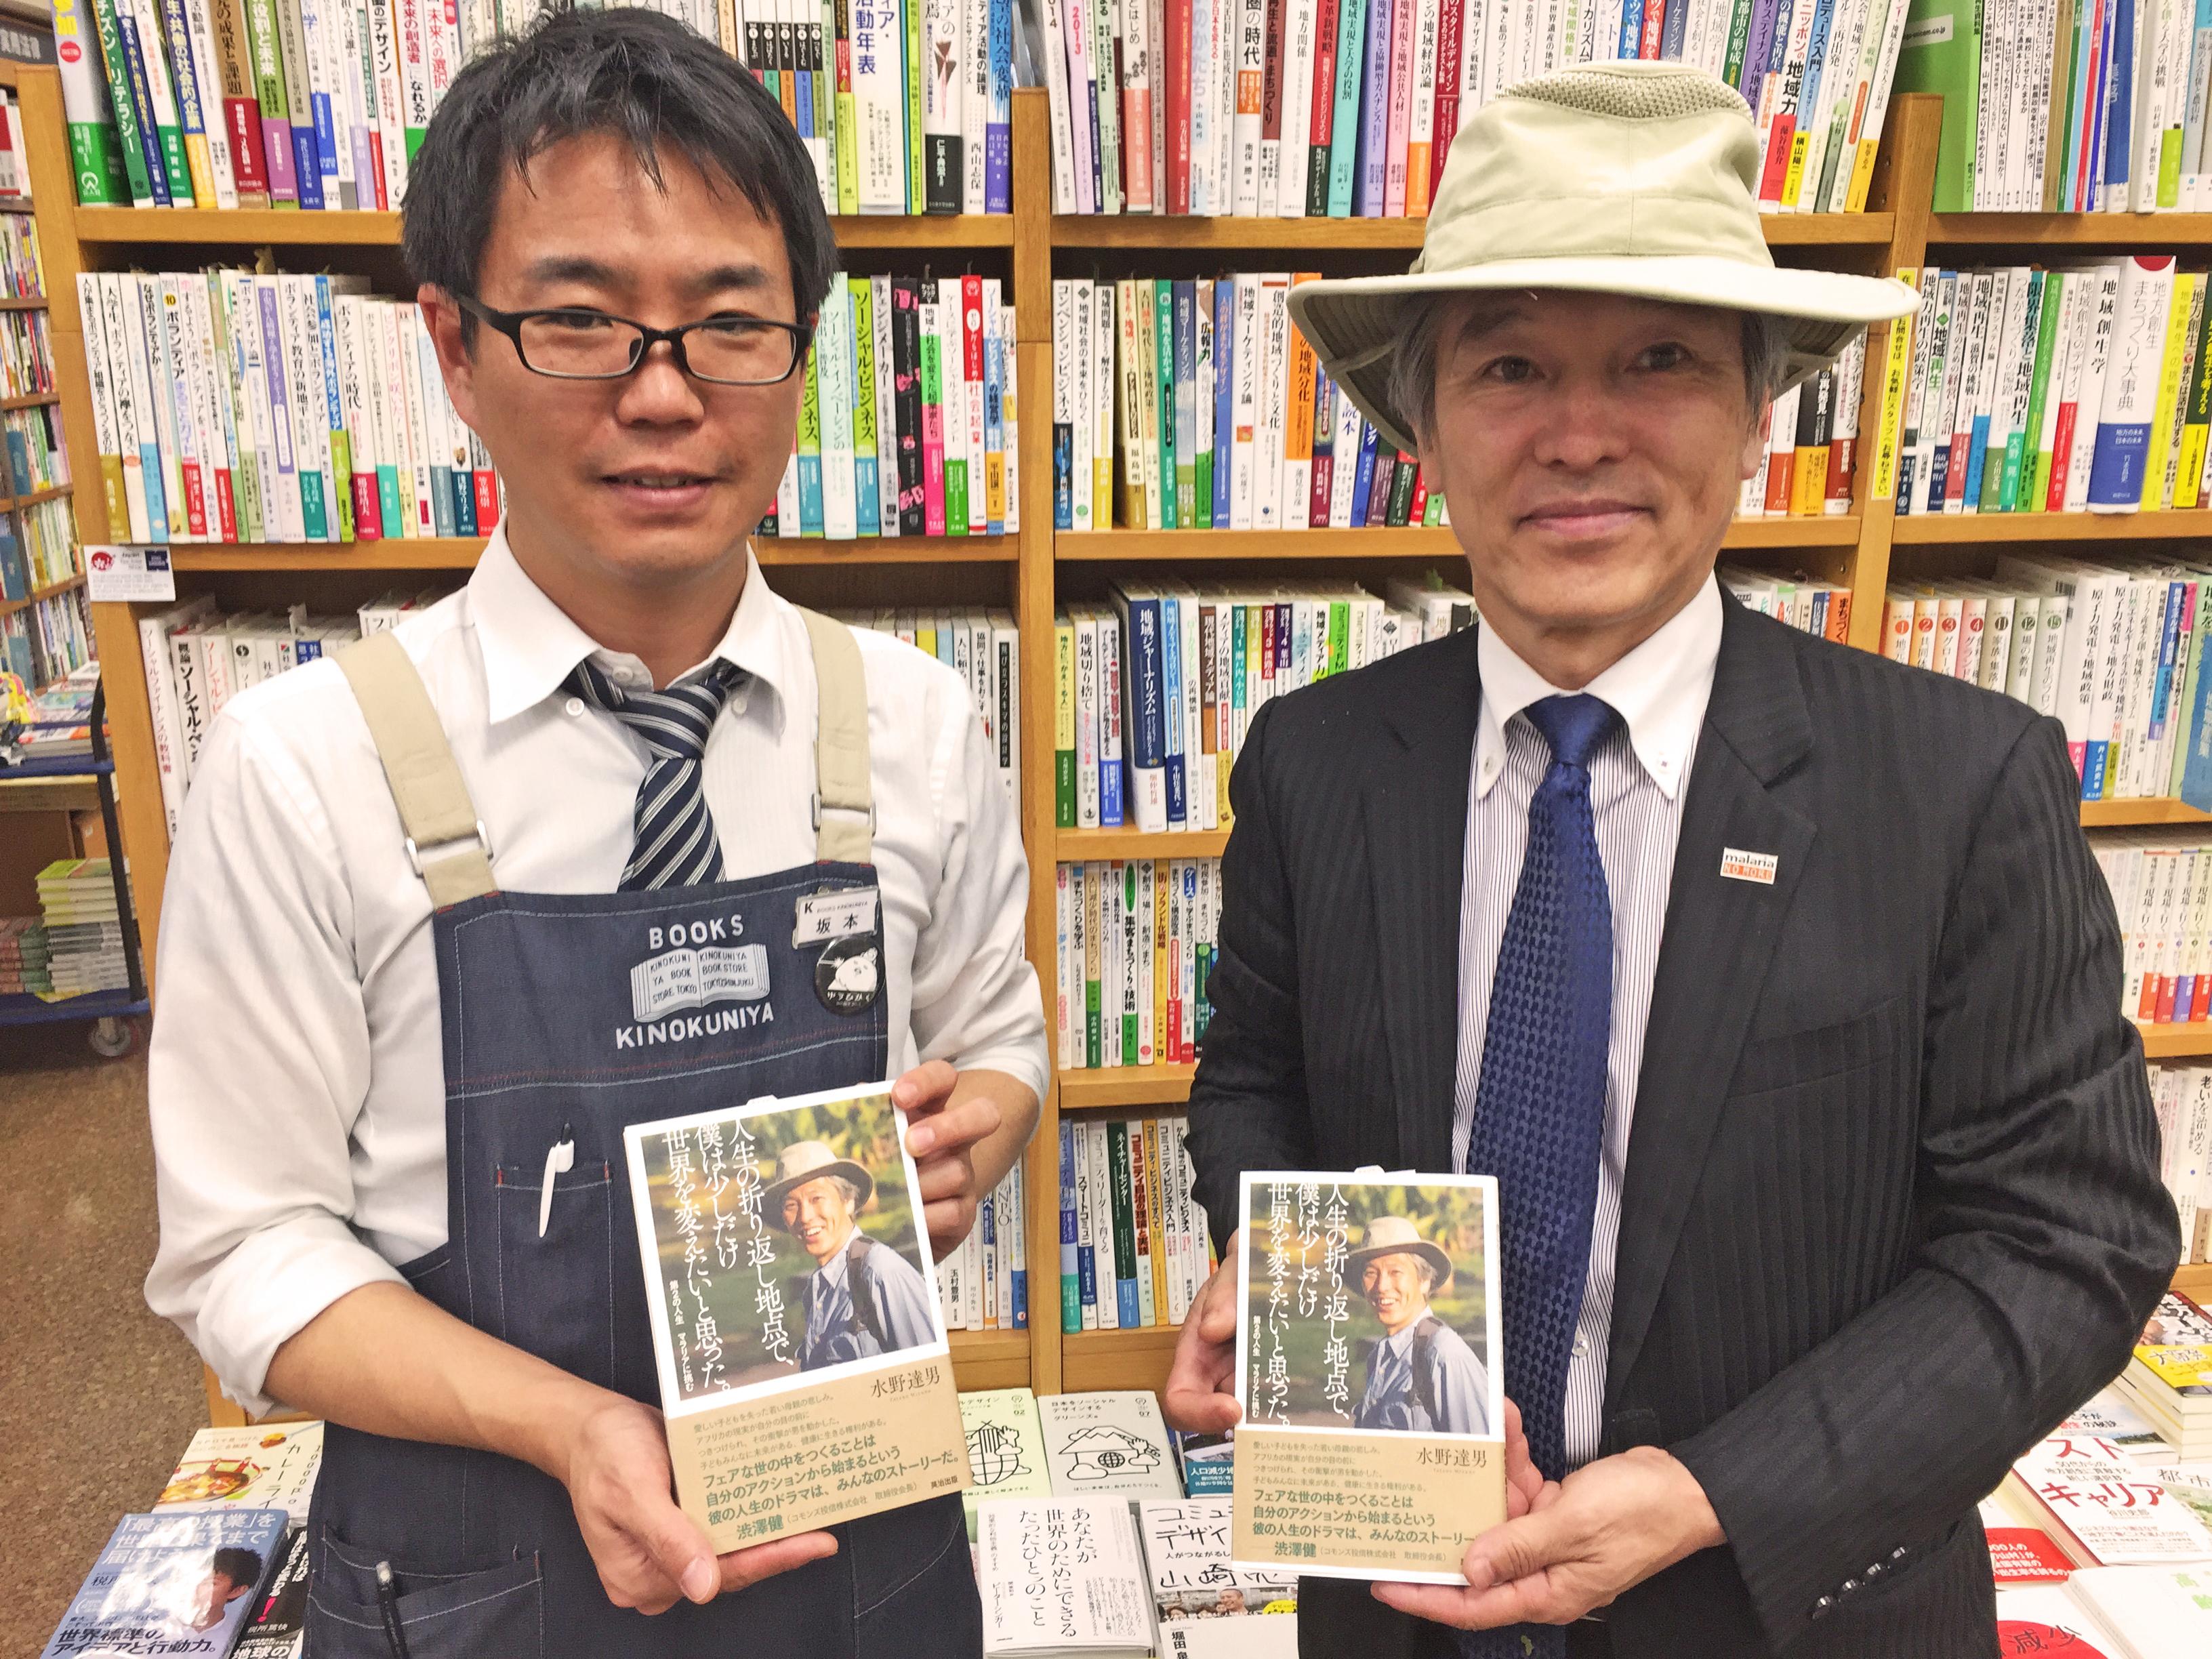 ②紀伊国屋書店新宿本店_写真 2016-03-08 15 10 11